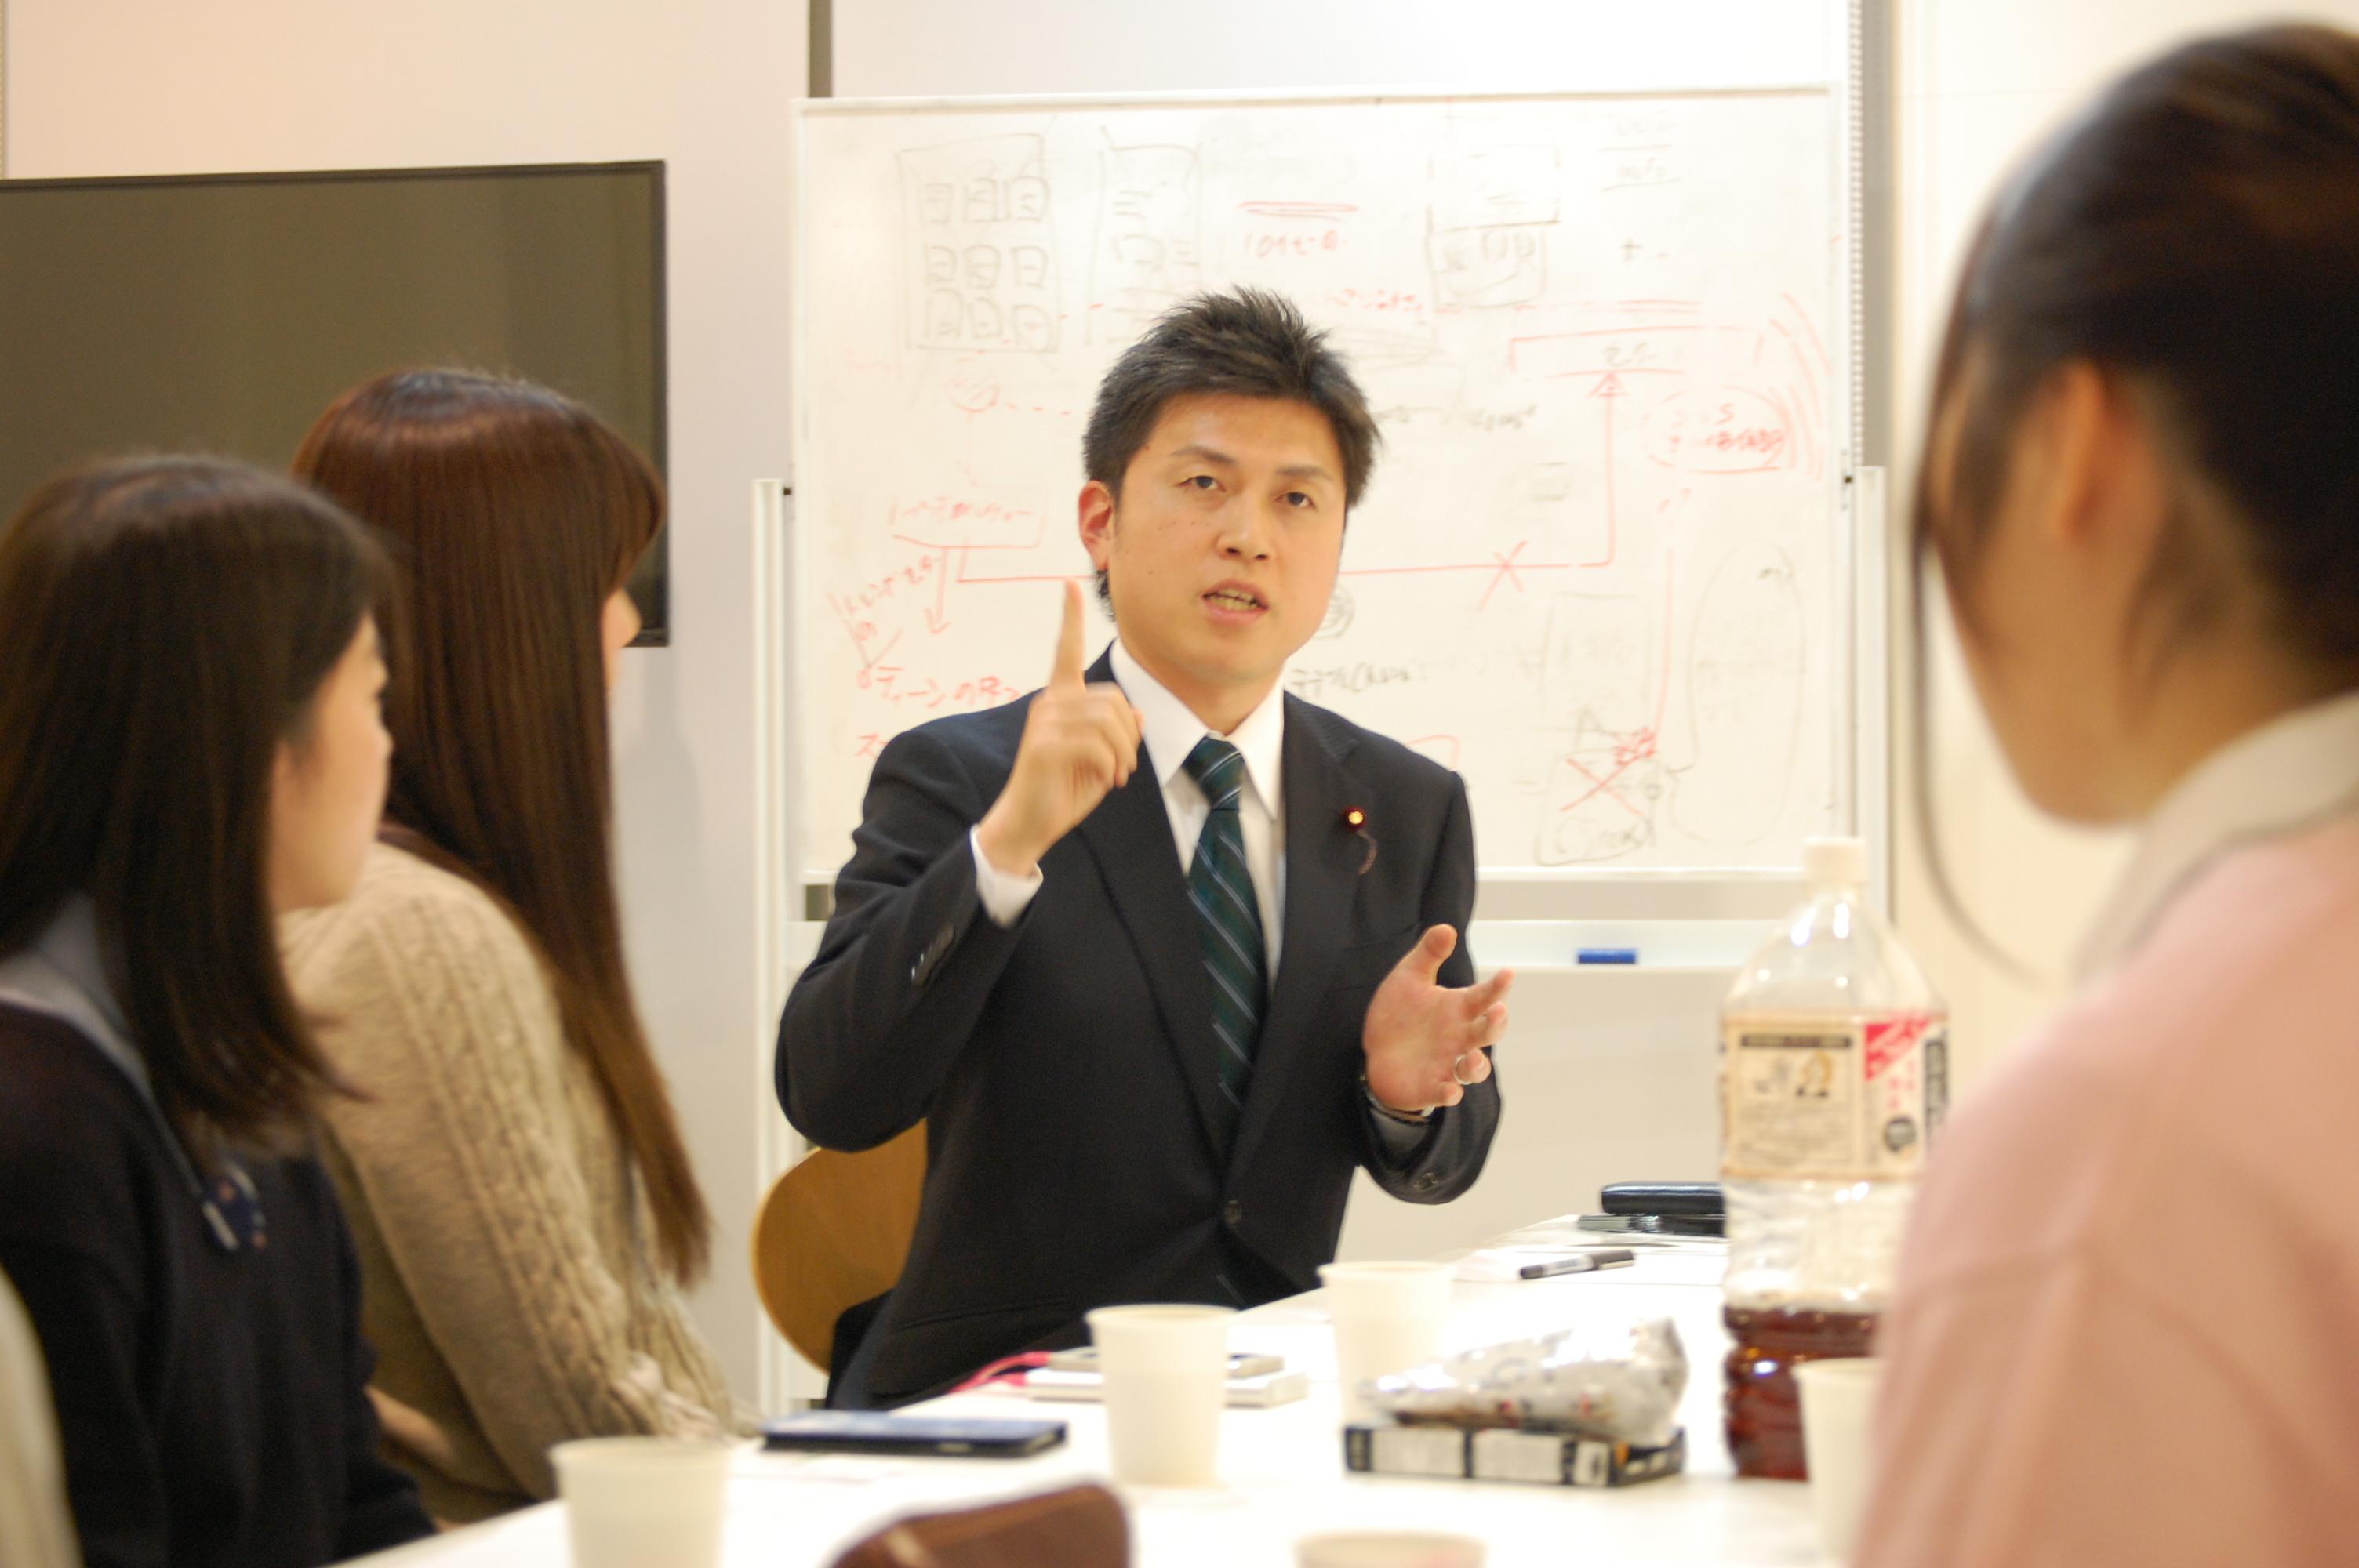 マイナビティーンズ企画で中高生と懇談(下)